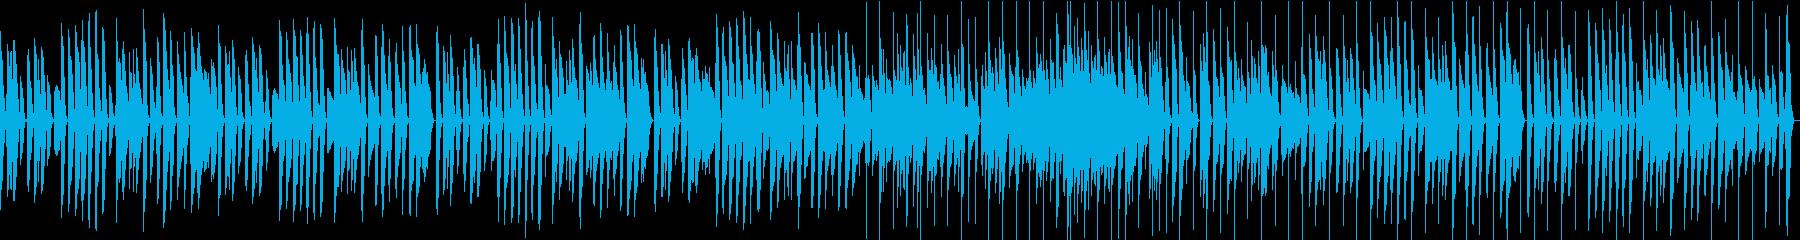 脱力・アコースティックピアノのコミカル曲の再生済みの波形